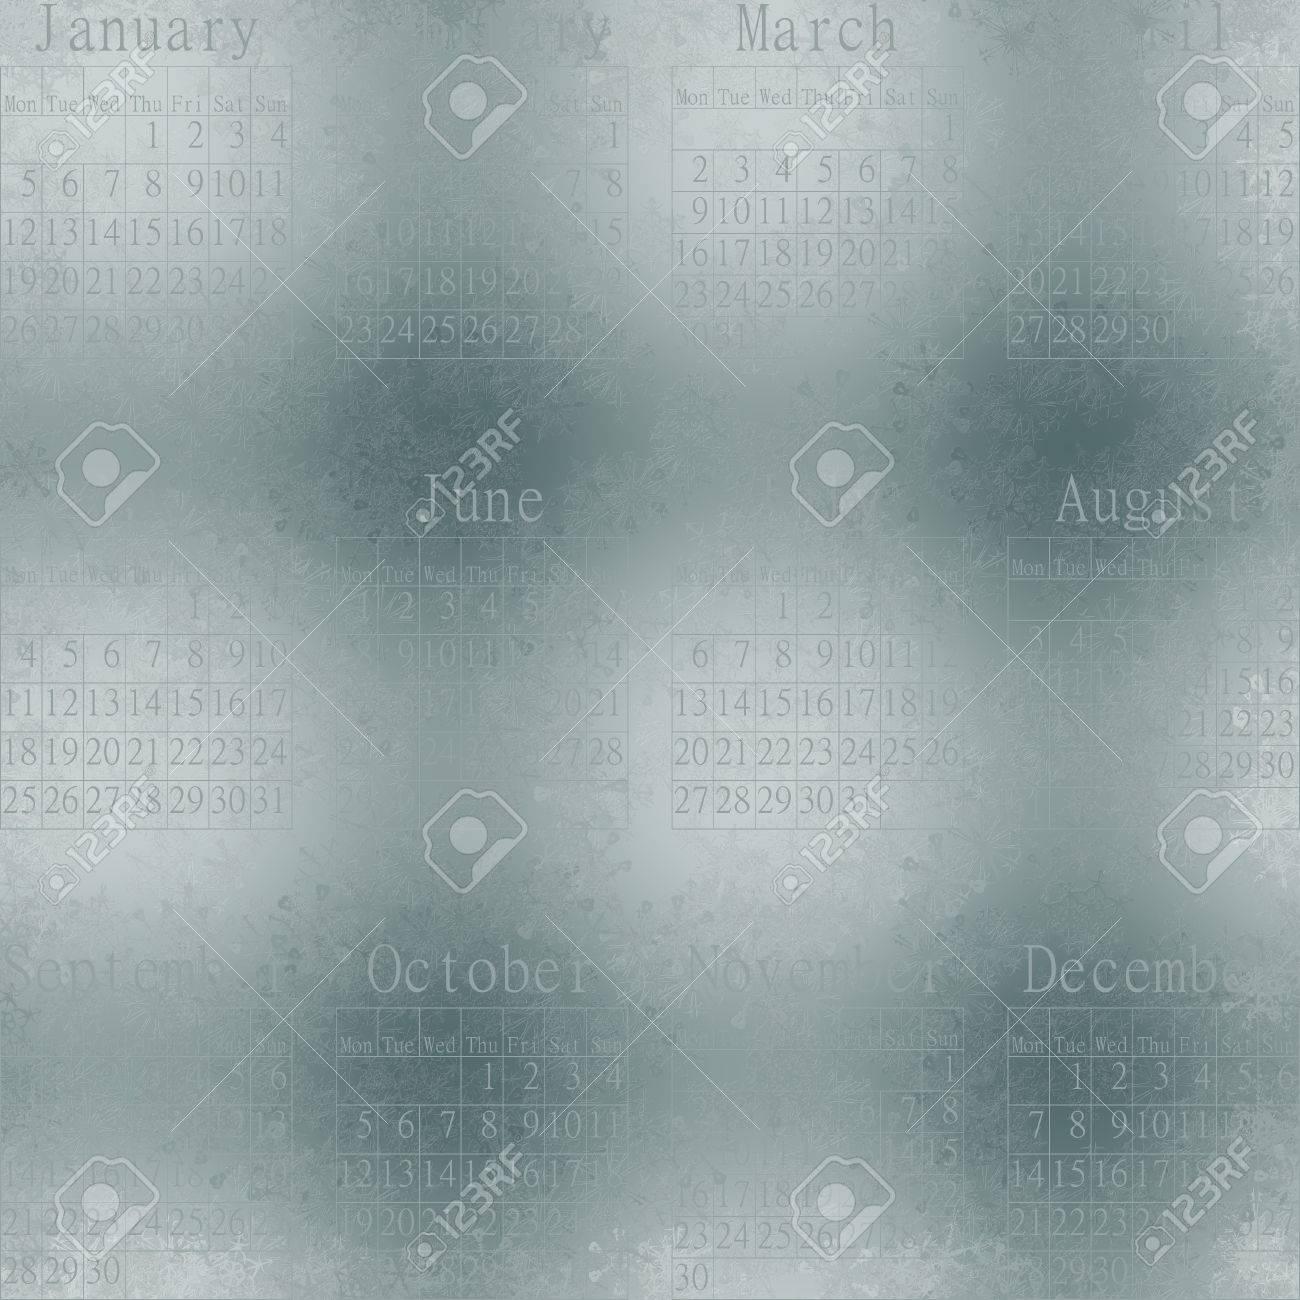 いくつかの窓に雪の結晶についての雪のシームレスな抽象壁紙 英語でカレンダー 15 年 の写真素材 画像素材 Image